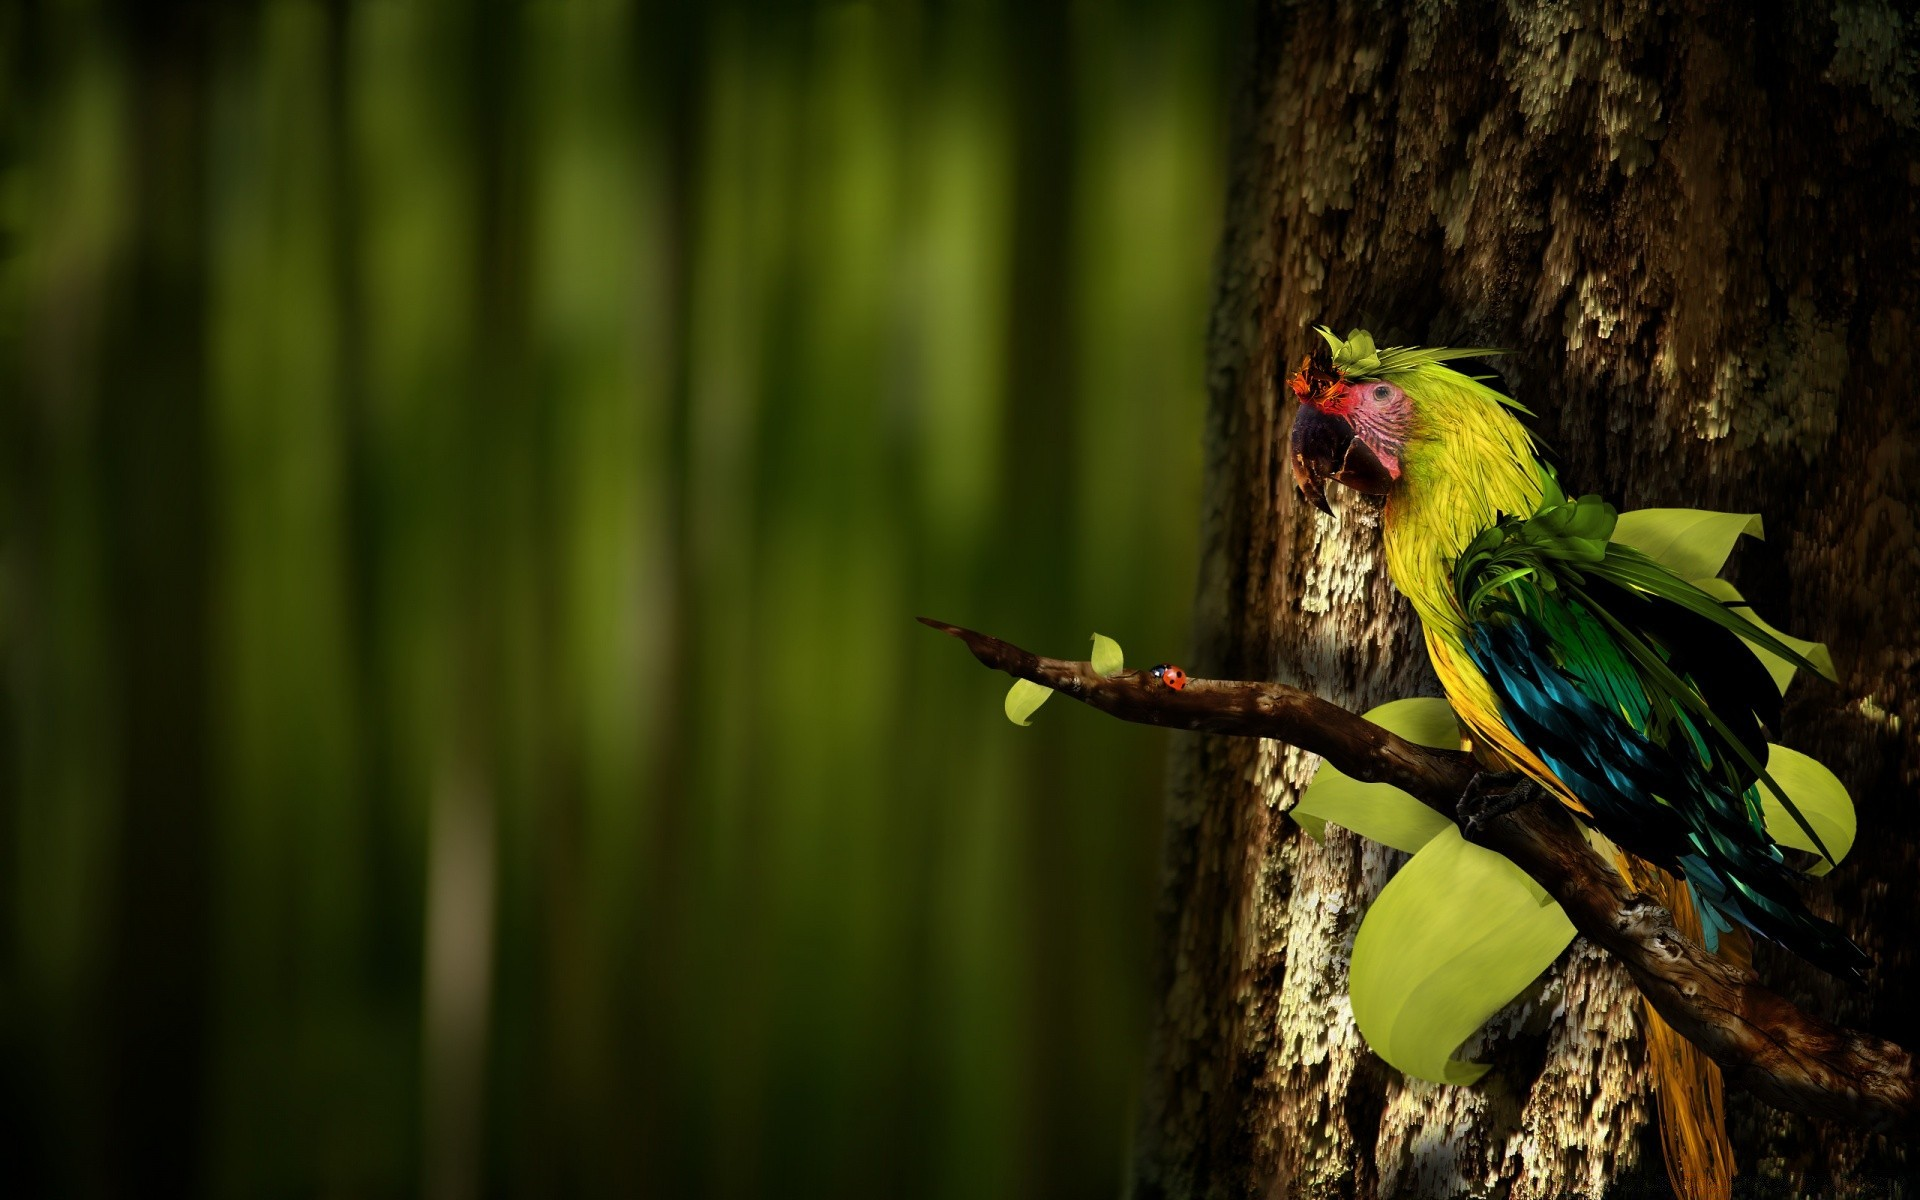 попугай на ветке бесплатно